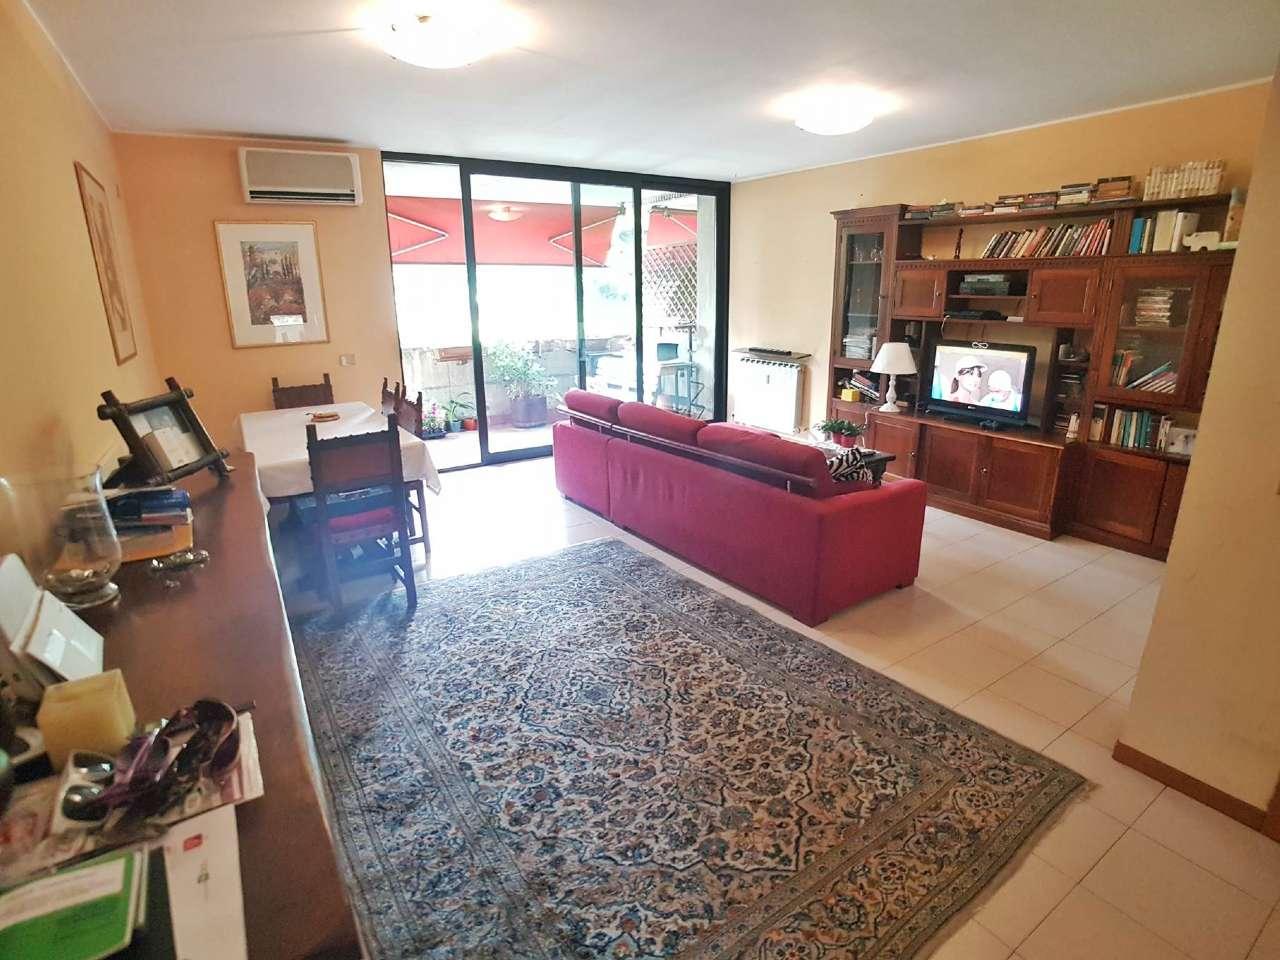 Appartamento in vendita a Saronno, 4 locali, prezzo € 155.000 | Cambio Casa.it